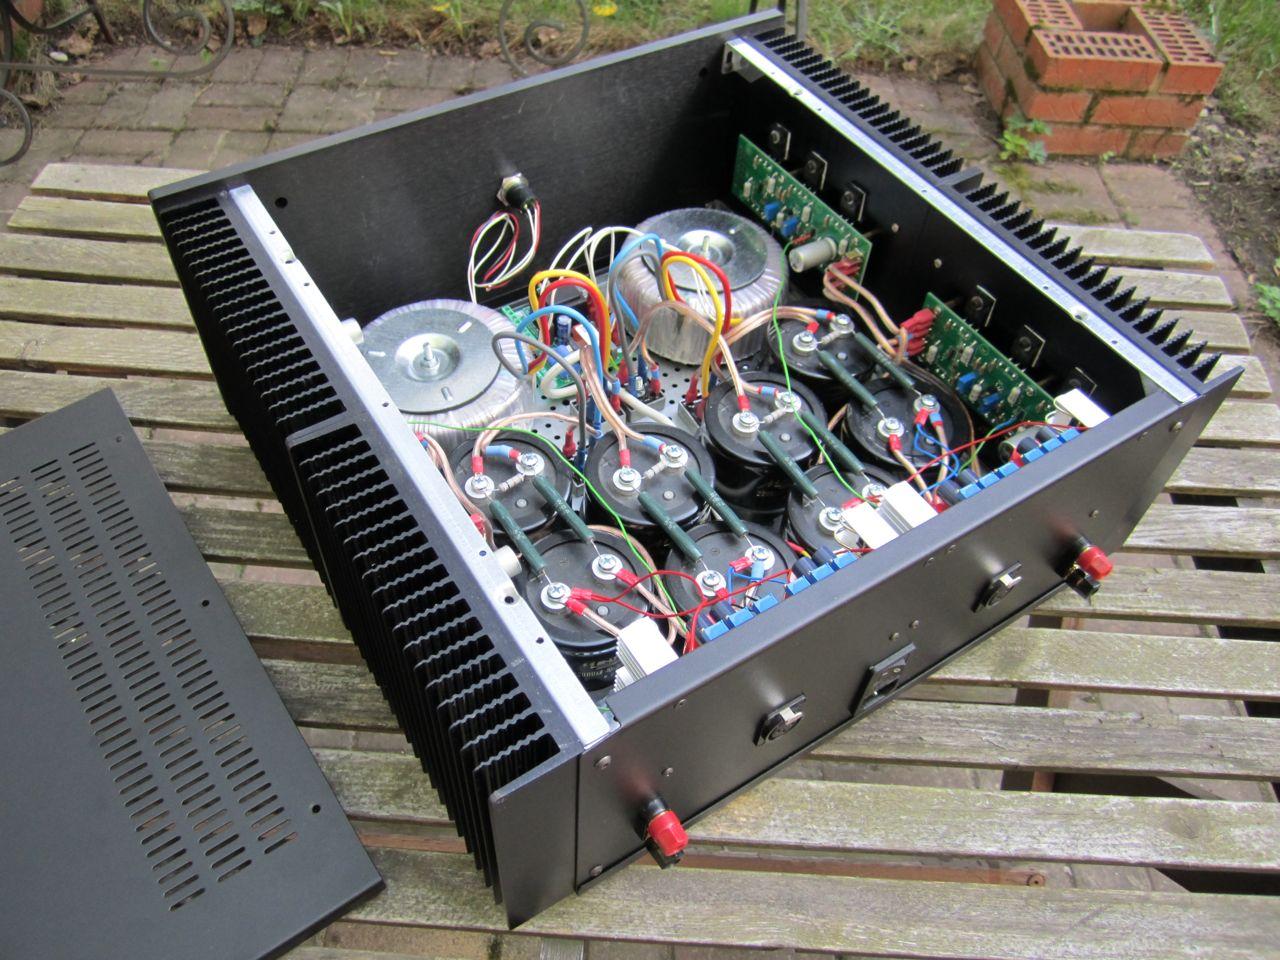 diyAudio - My DIY projects